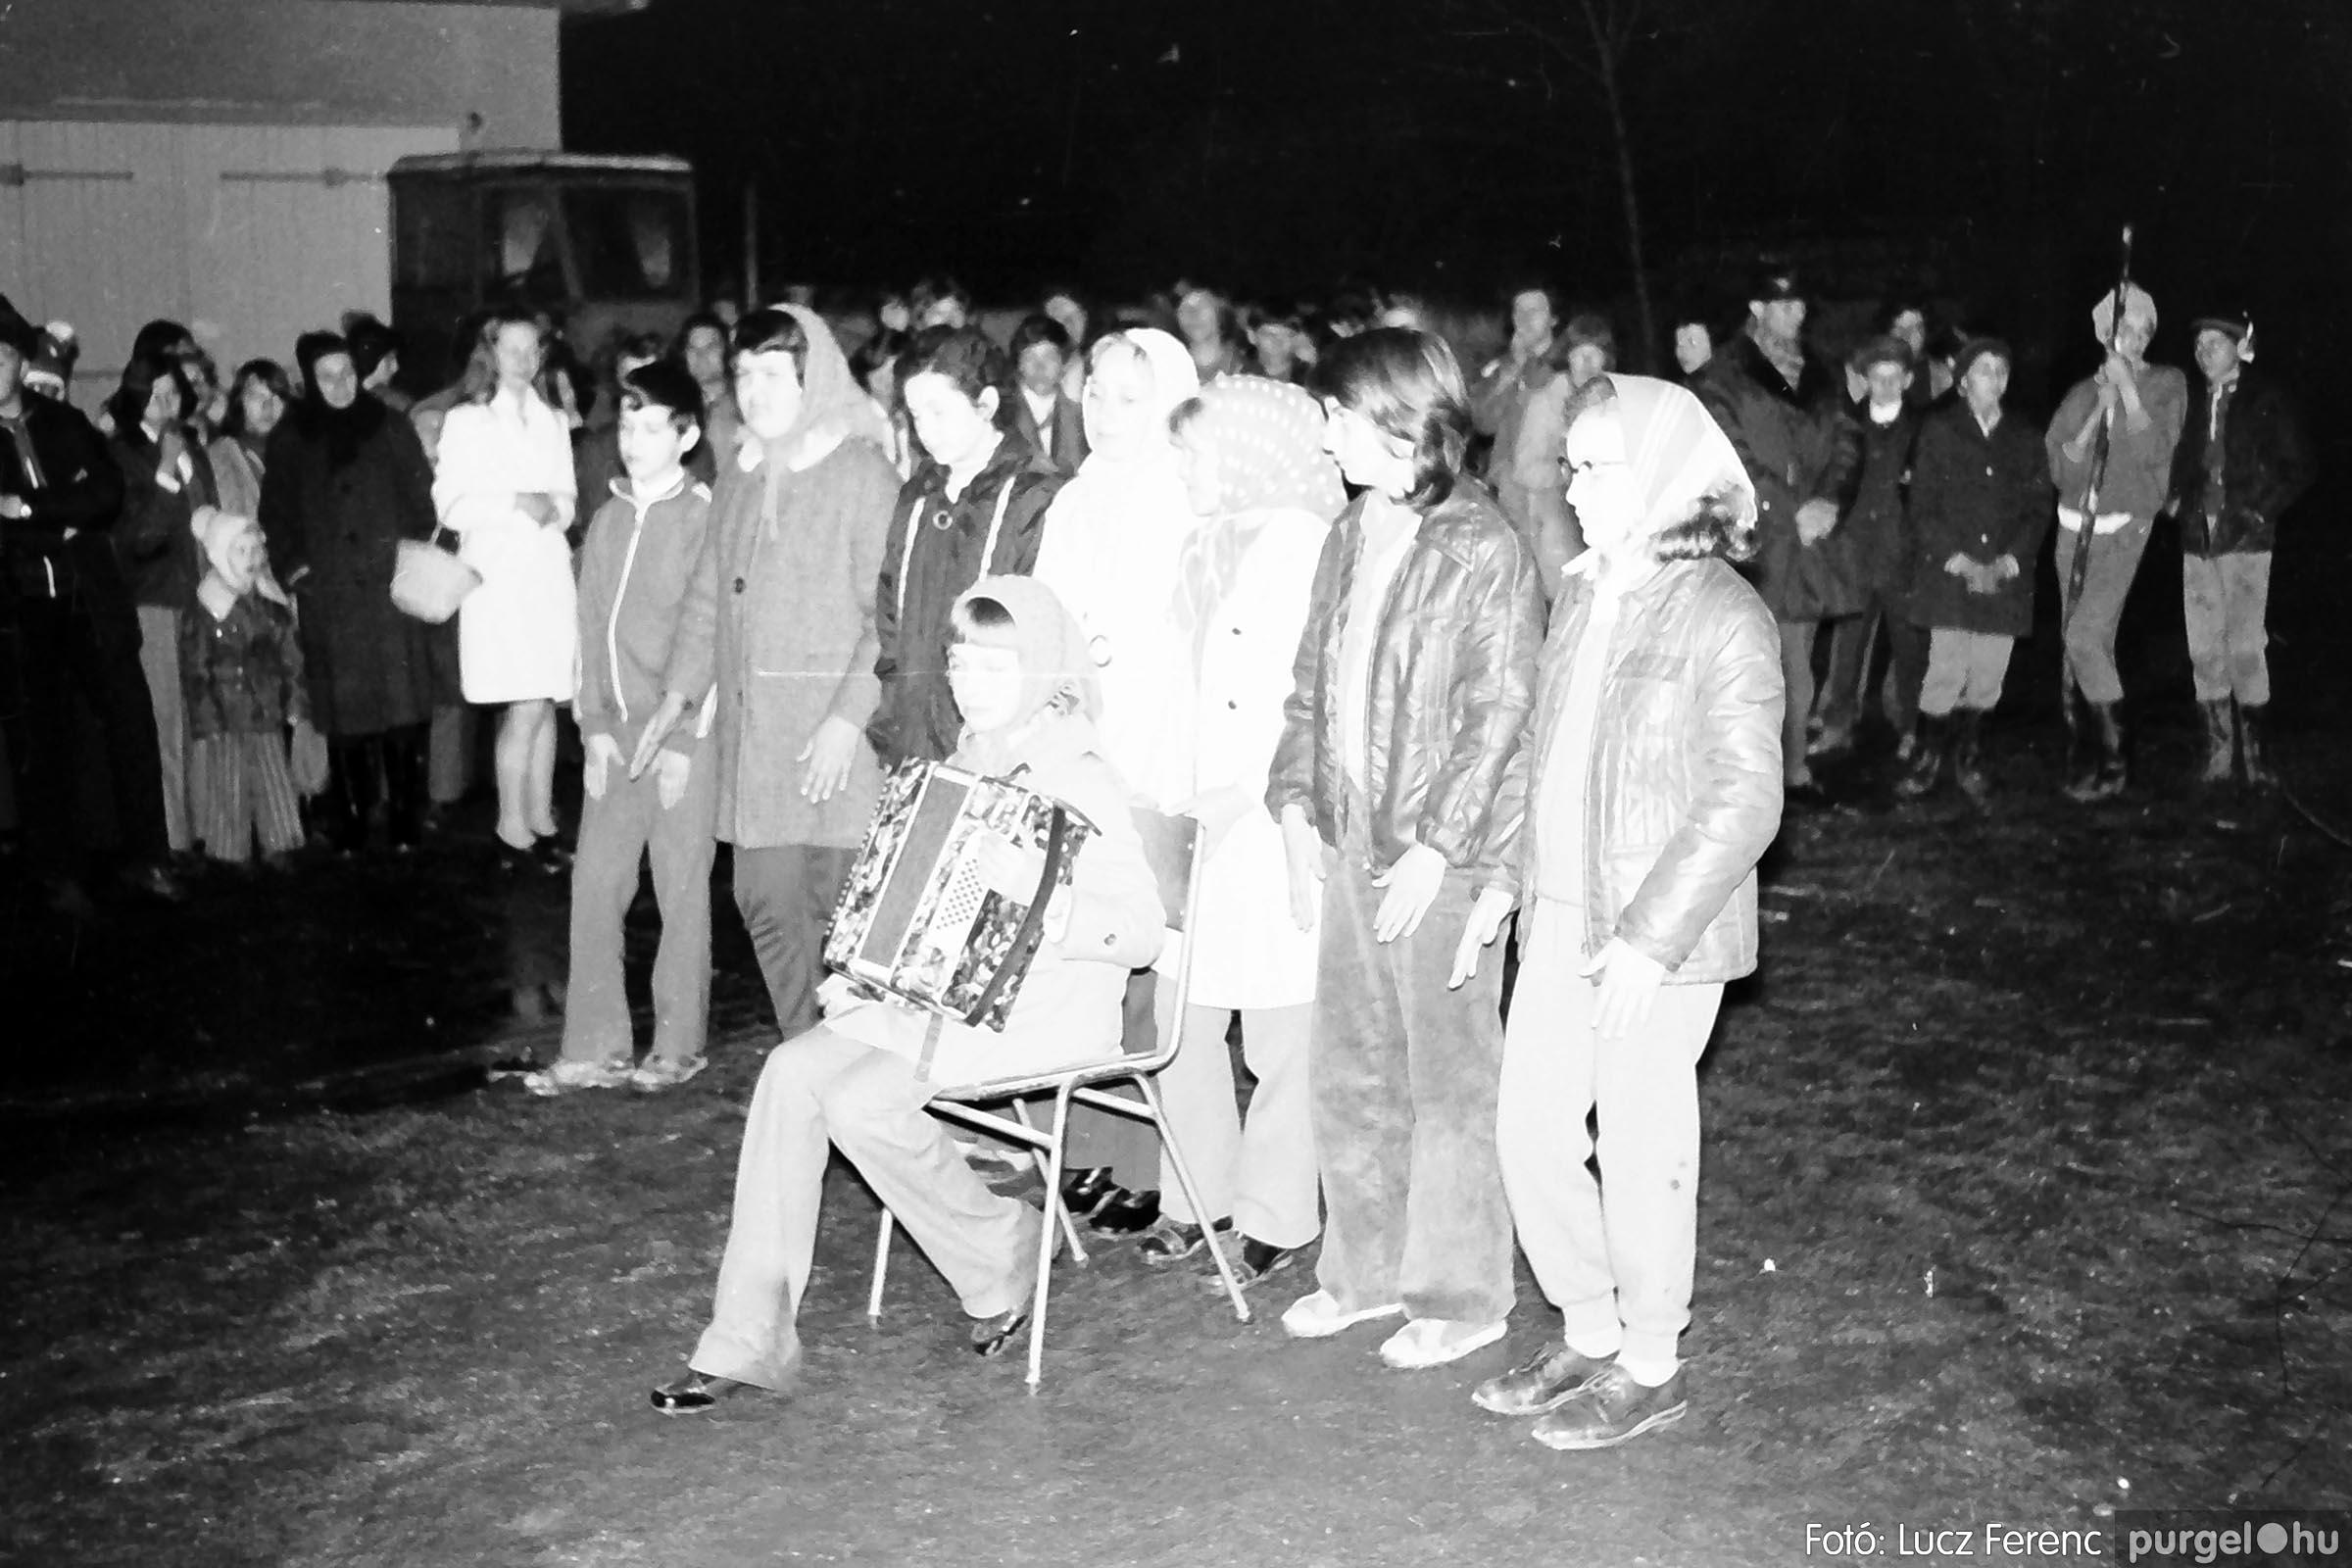 009 1975.04. Tűzgyújtás a kultúrház előtt 006 - Fotó: Lucz Ferenc IMG00189q.jpg